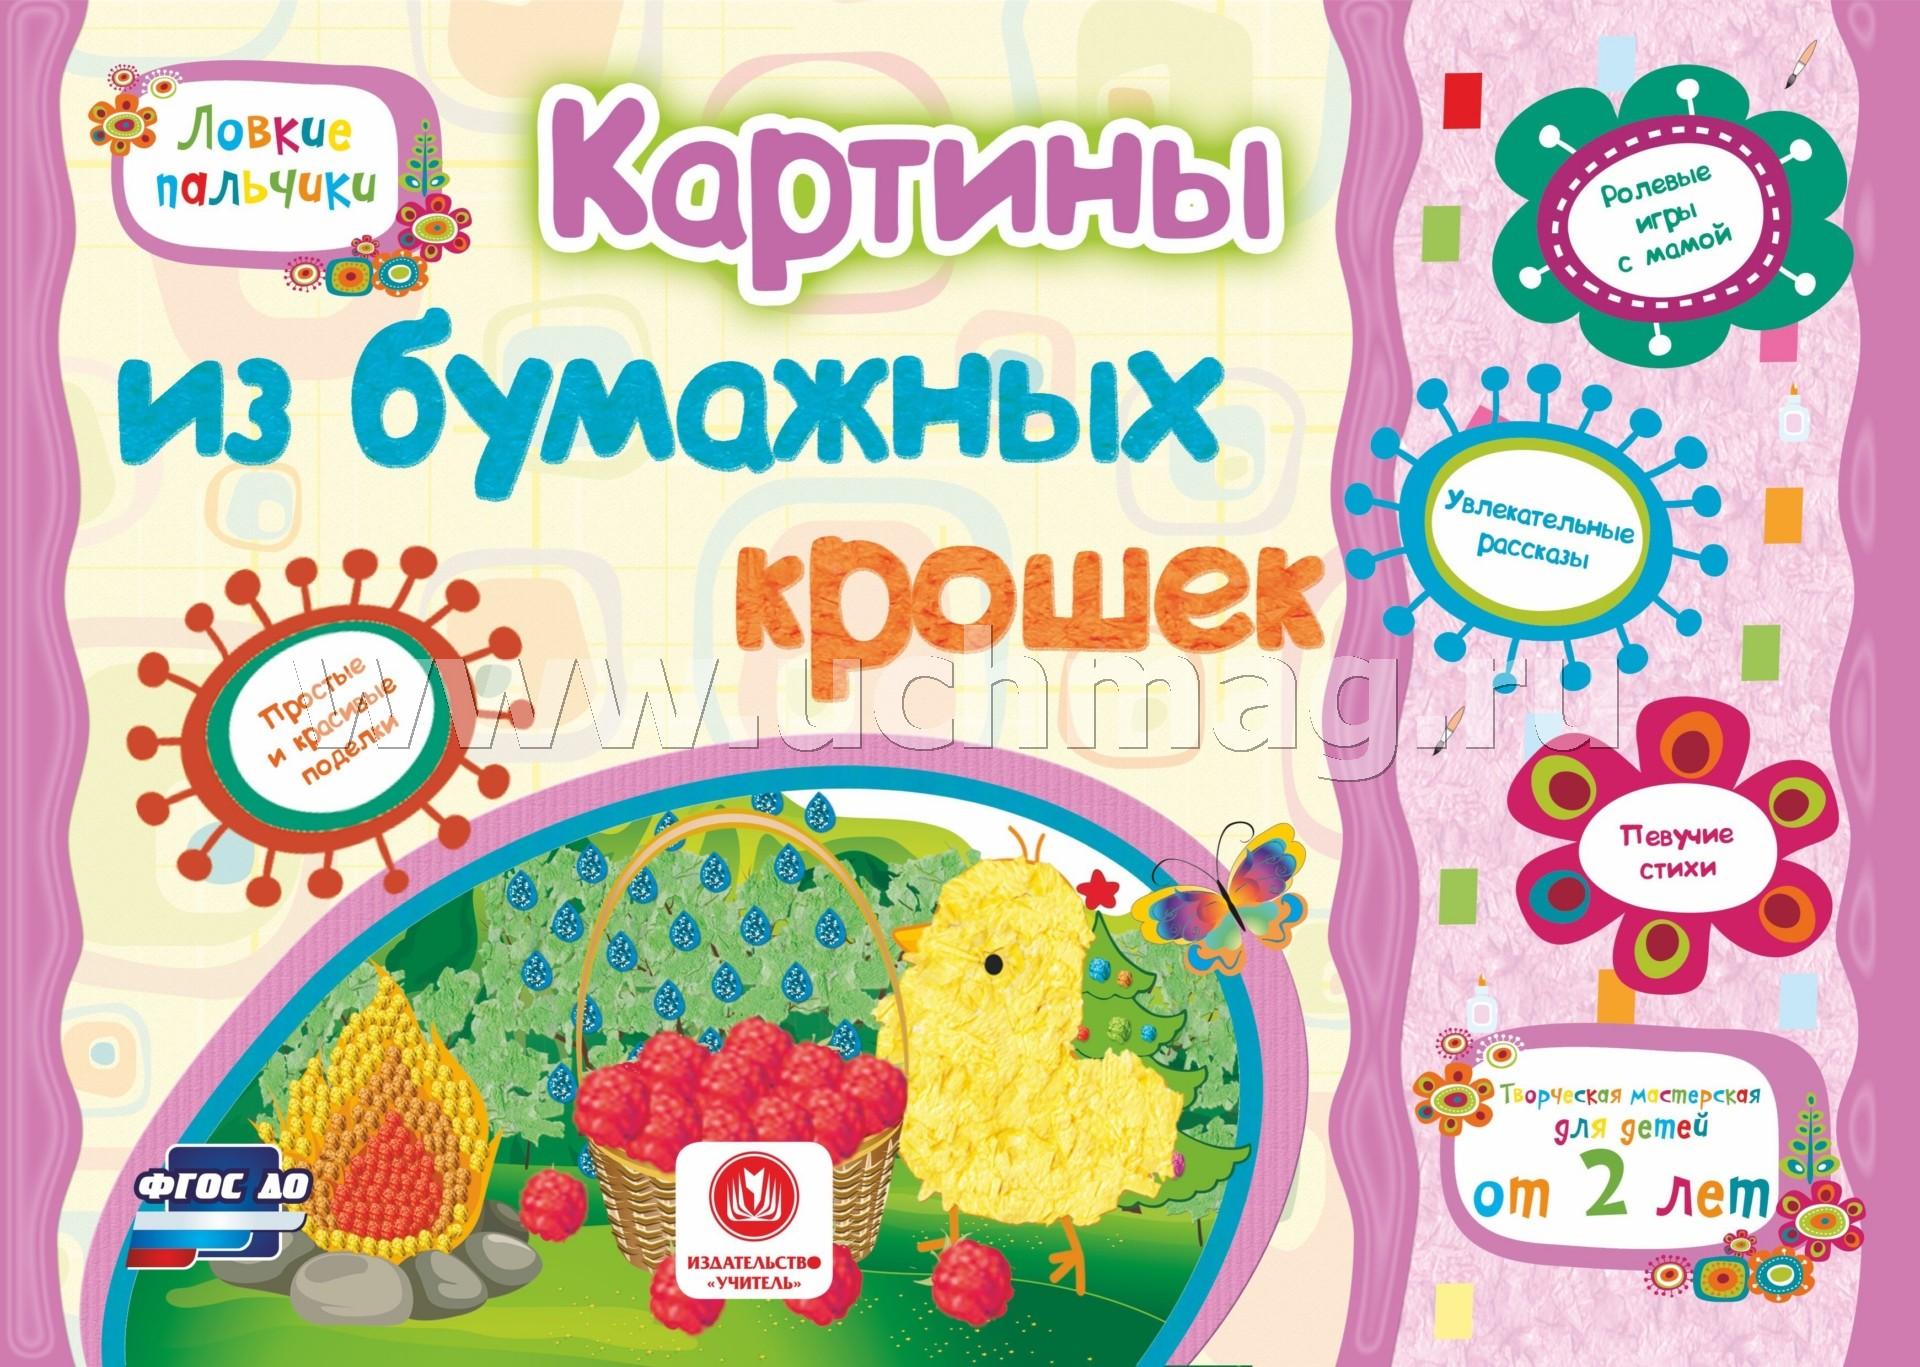 Картины из бумажных крошек. Учебное пособие для детей дошкольного возраста. Сборник развивающих заданий